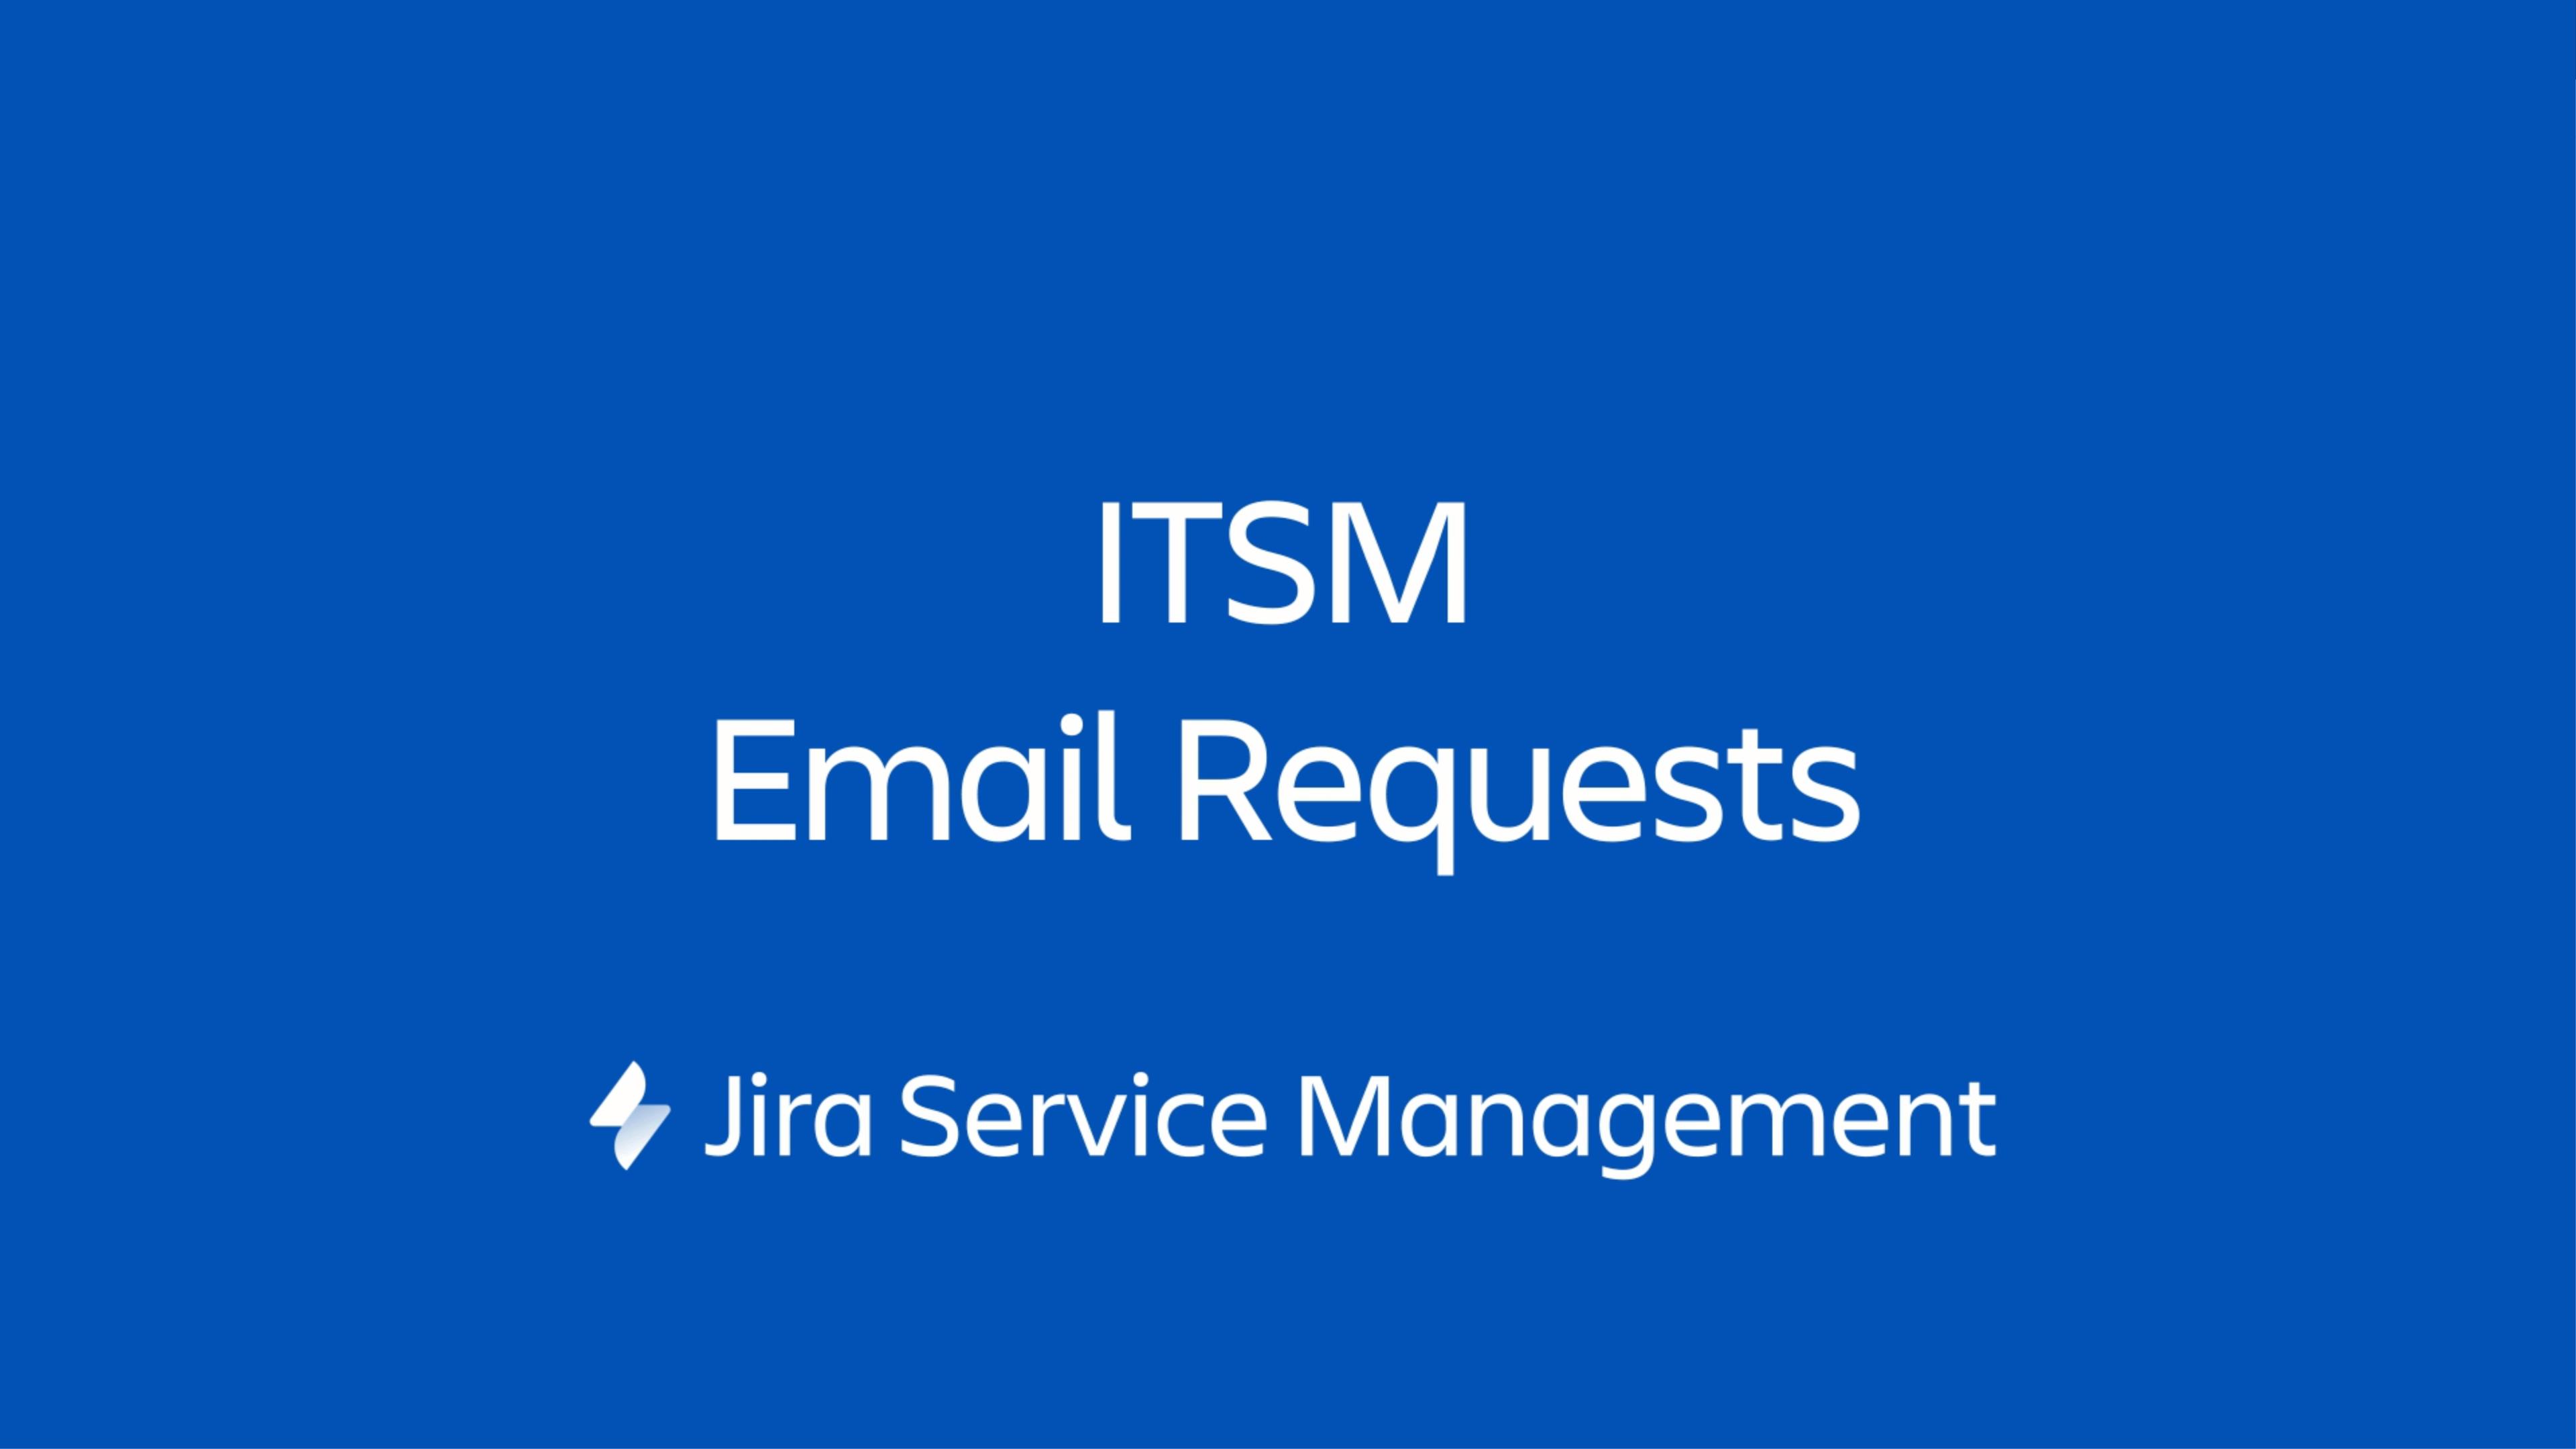 Запросы ITSM по электронной почте в Jira Service Management